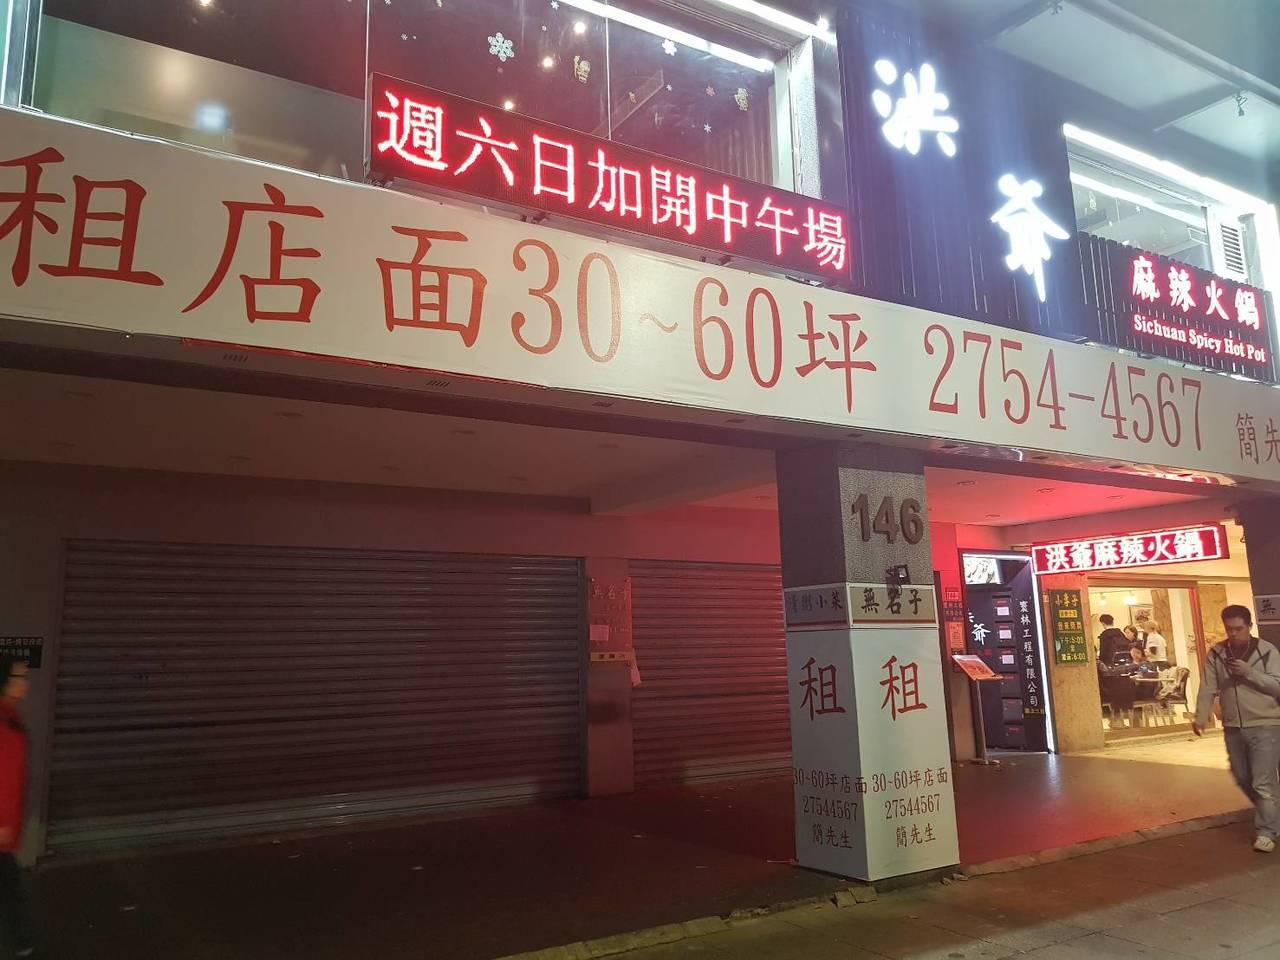 兩間無名子的店面,目前都已掛上出租資訊。記者陳睿中/攝影